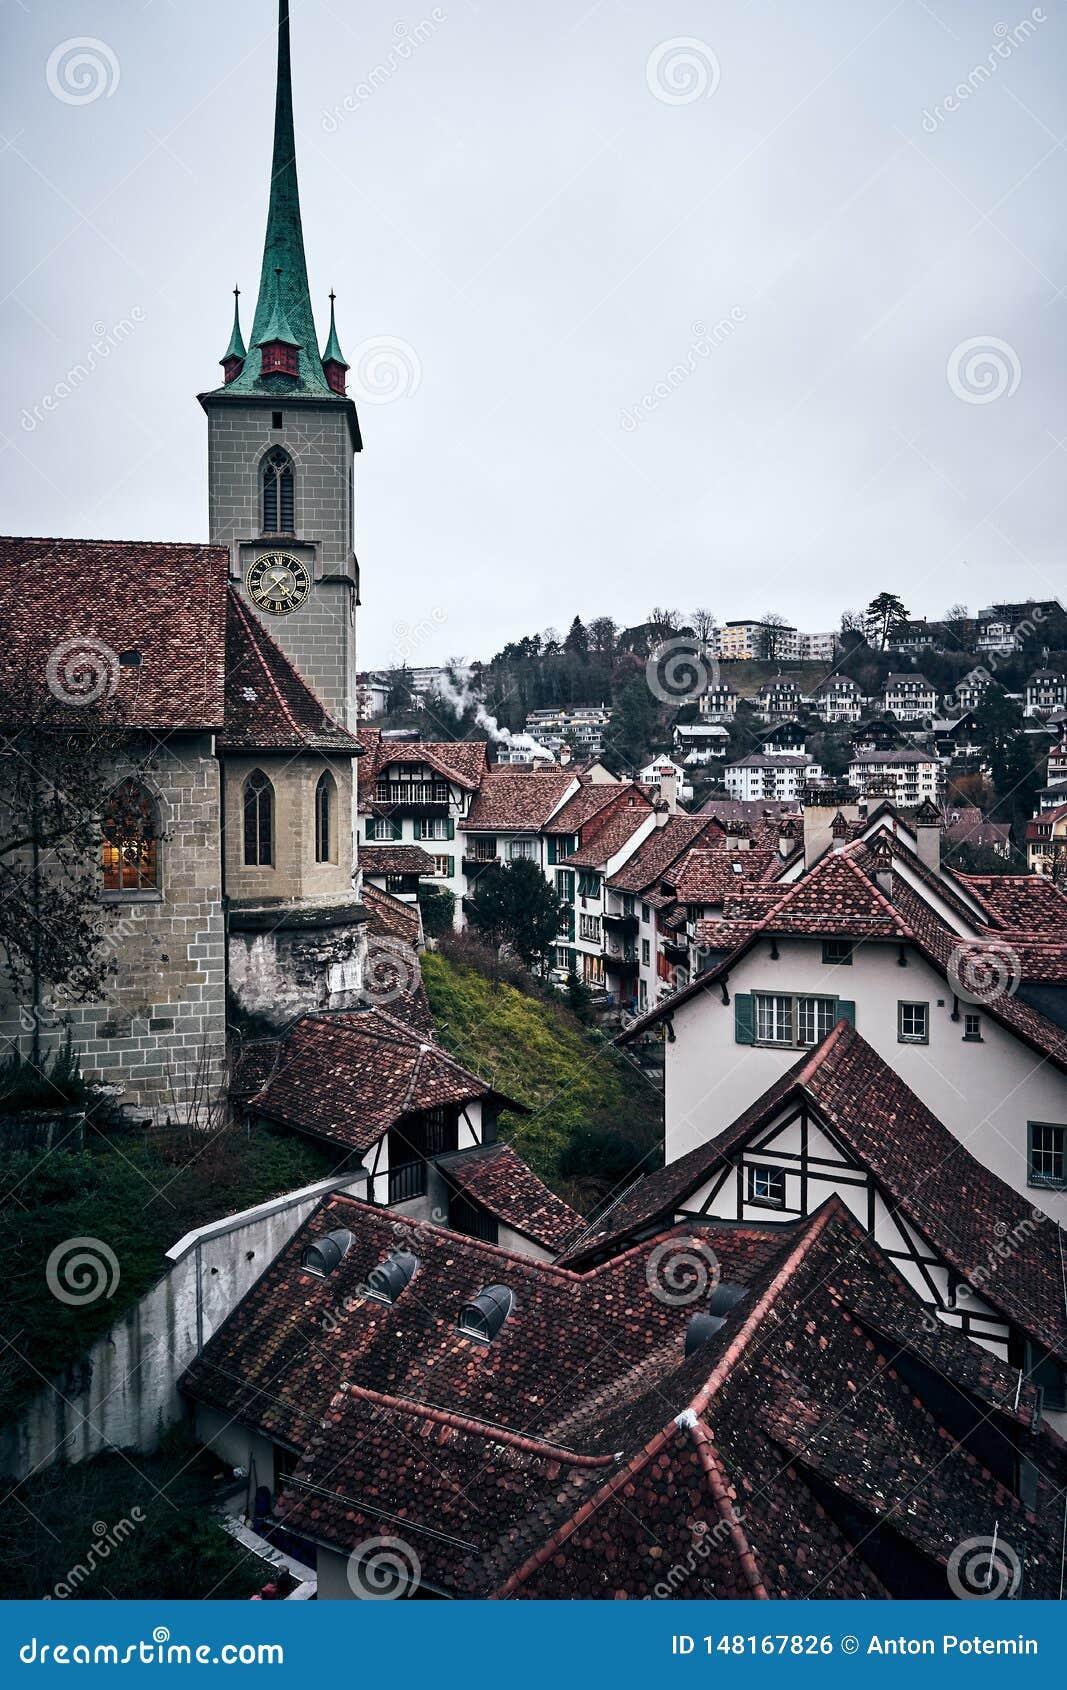 De middeleeuwse Zwitserse stad van Bern met een klokketoren bij zonsondergang